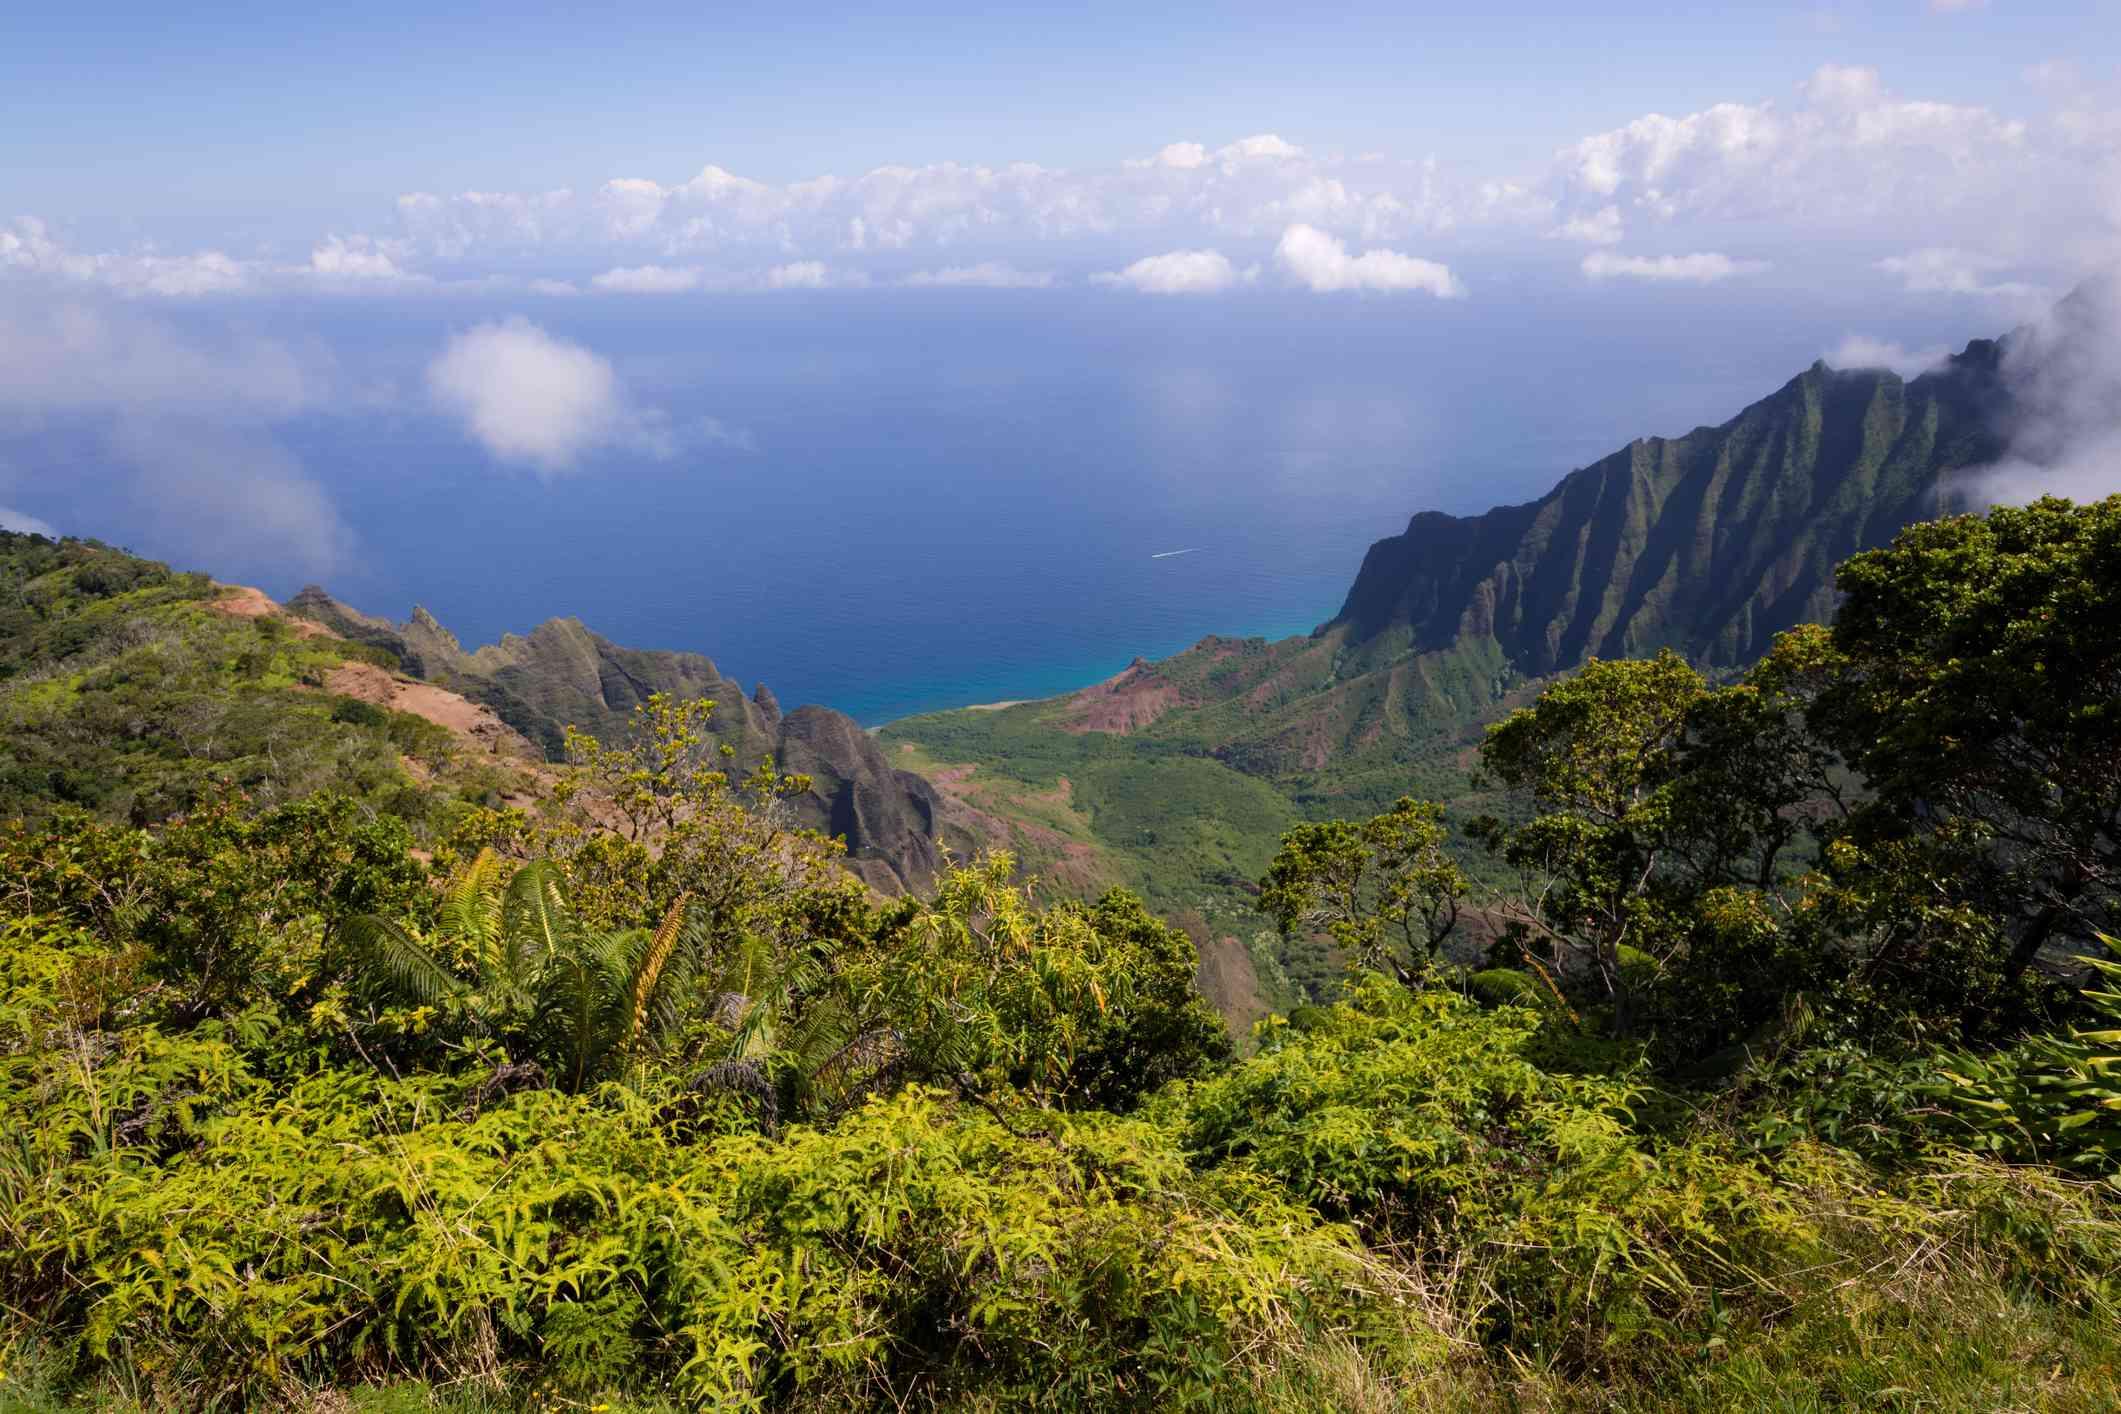 Nā Pali Coast State Wilderness Park, Kauai